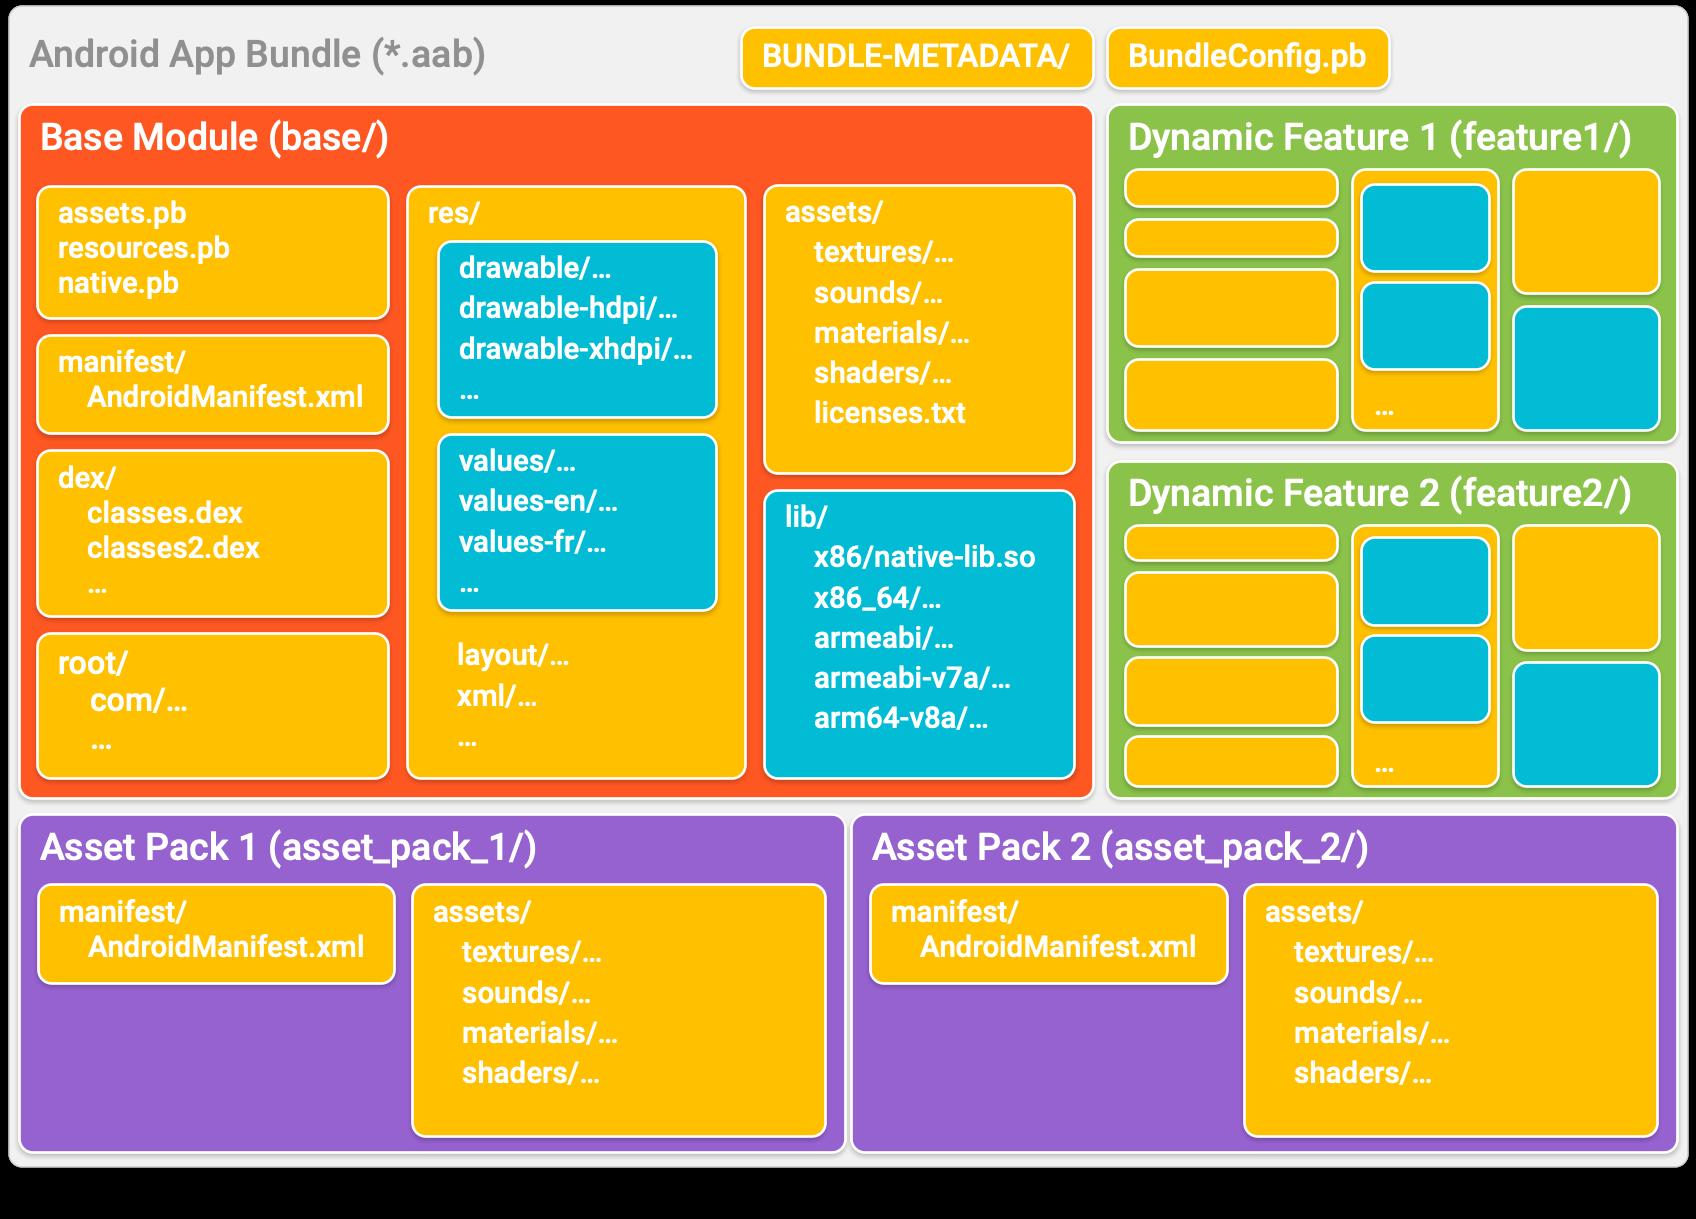 App bundle mengatur aplikasi Anda ke dalam direktori yang masing-masing merepresentasikan sebuah             modul. Dalam setiap direktori modul, kode dan resource diatur         seperti halnya APK biasa.